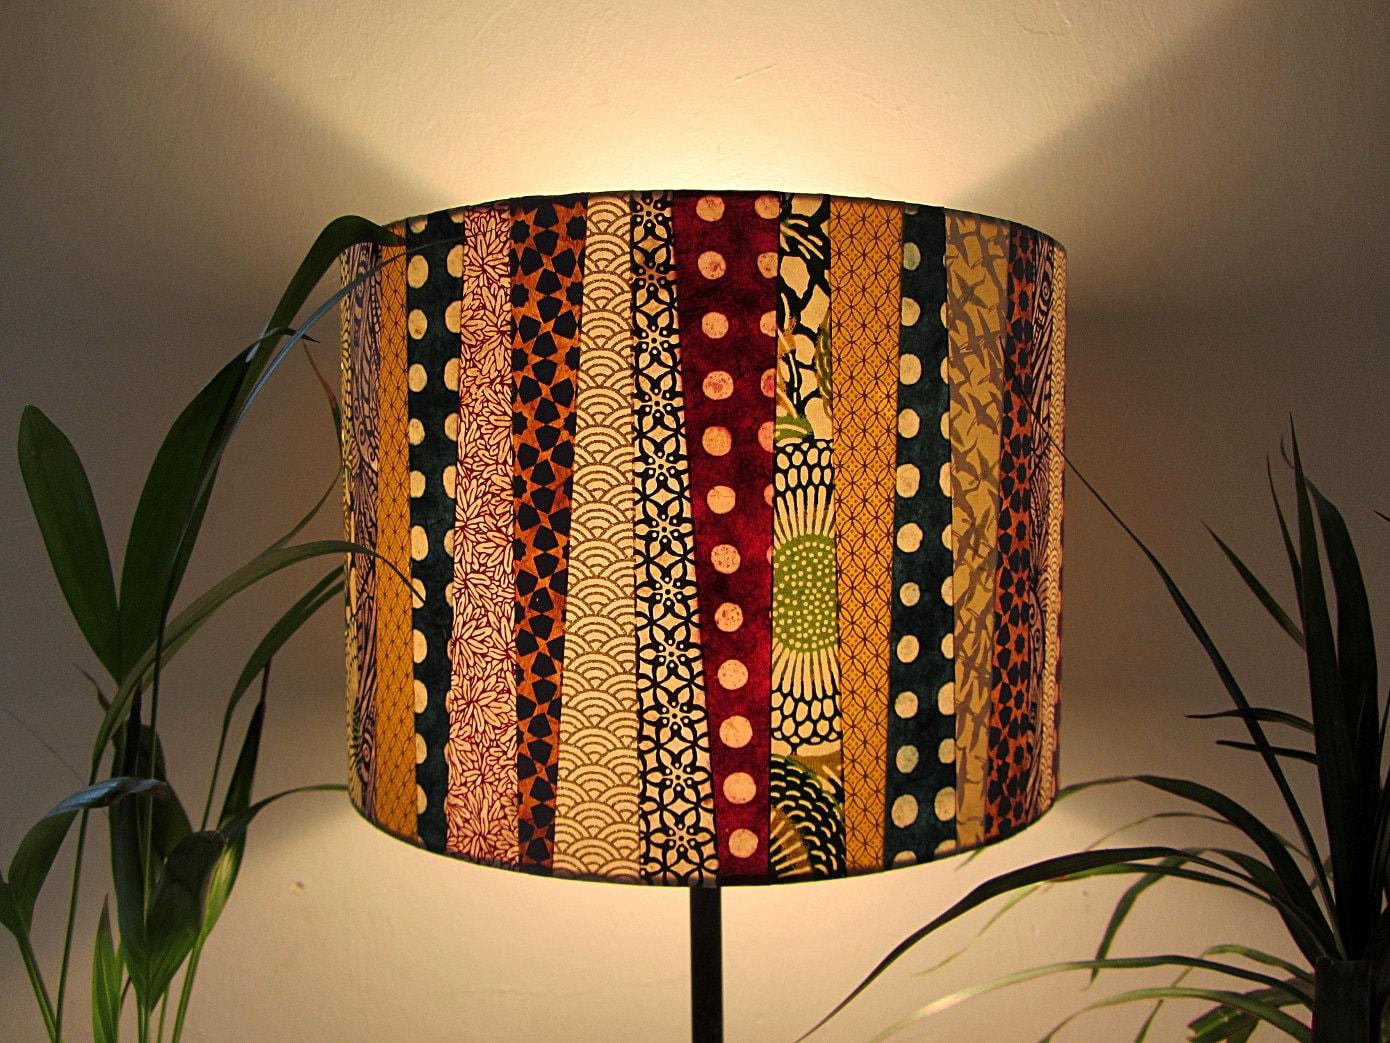 abat jour cr ation goldy boogie en papier japonais etsy. Black Bedroom Furniture Sets. Home Design Ideas